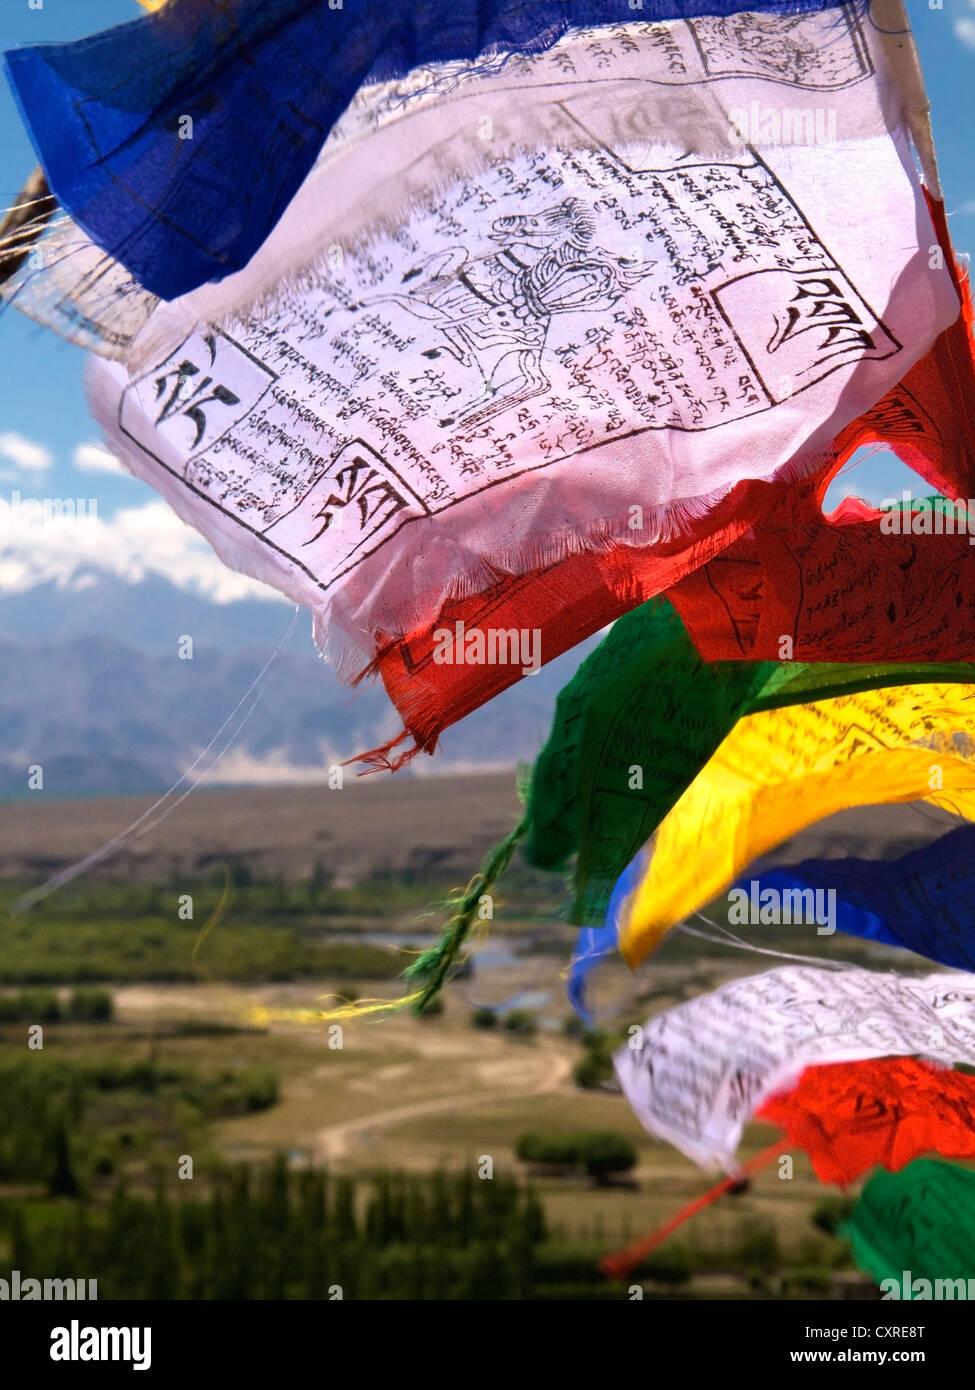 La preghiera buddista bandiere al vento, Ladakh India del nord, India, Asia Immagini Stock